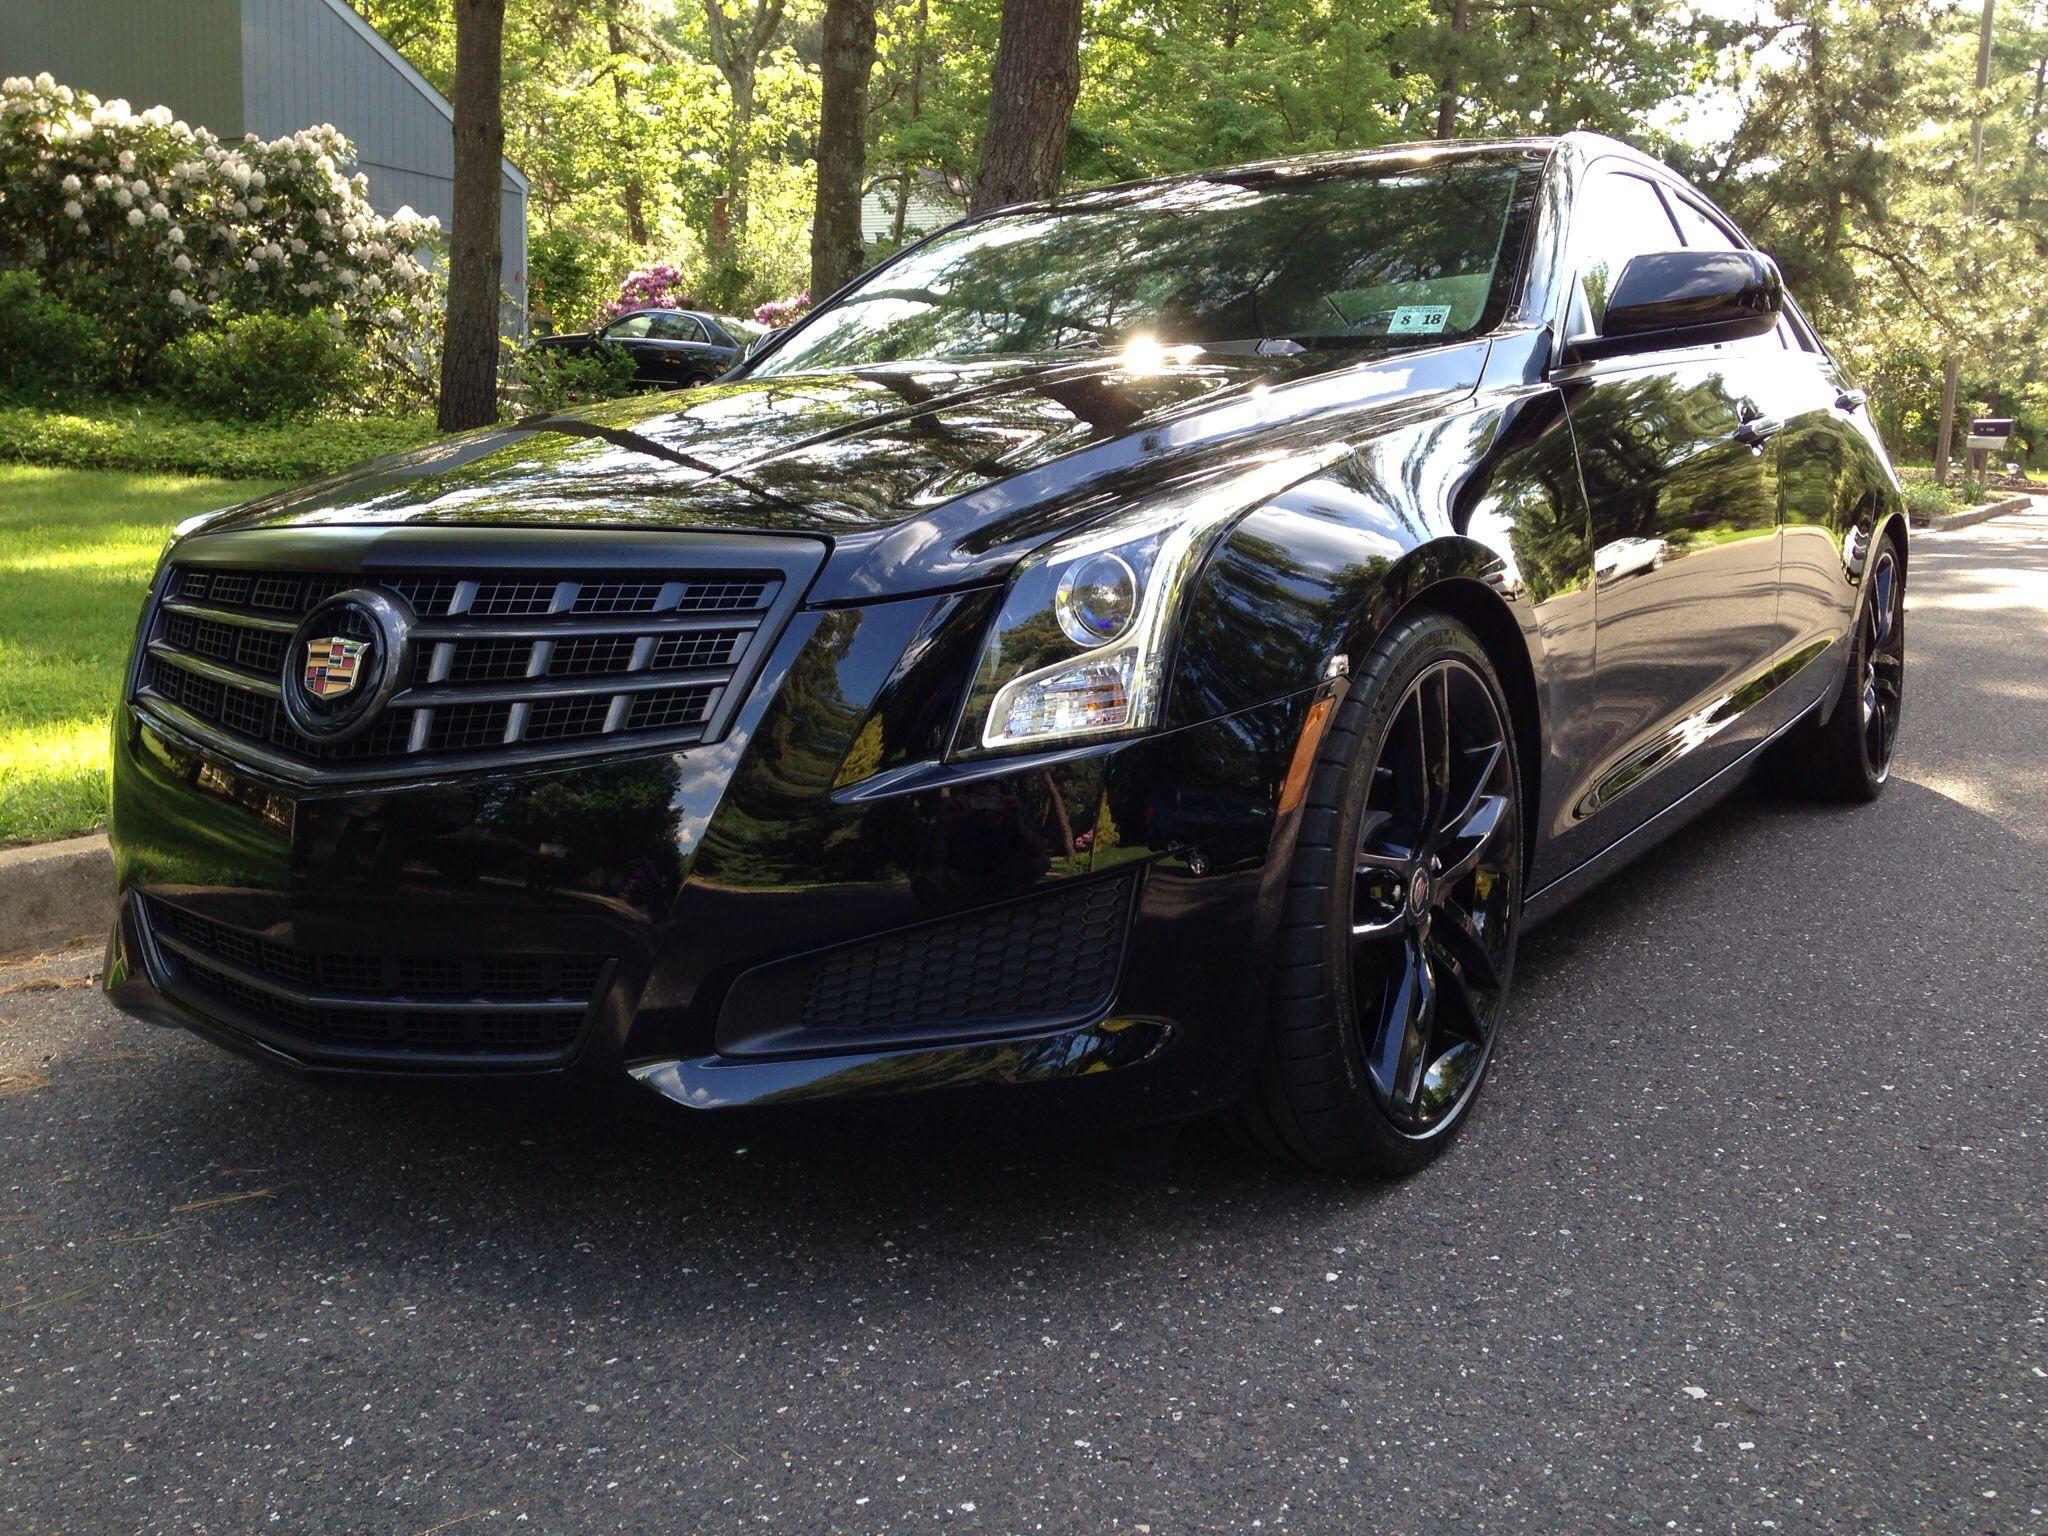 Cadillac ATS   Cars   Pinterest   Cadillac ats, Cadillac and Cars